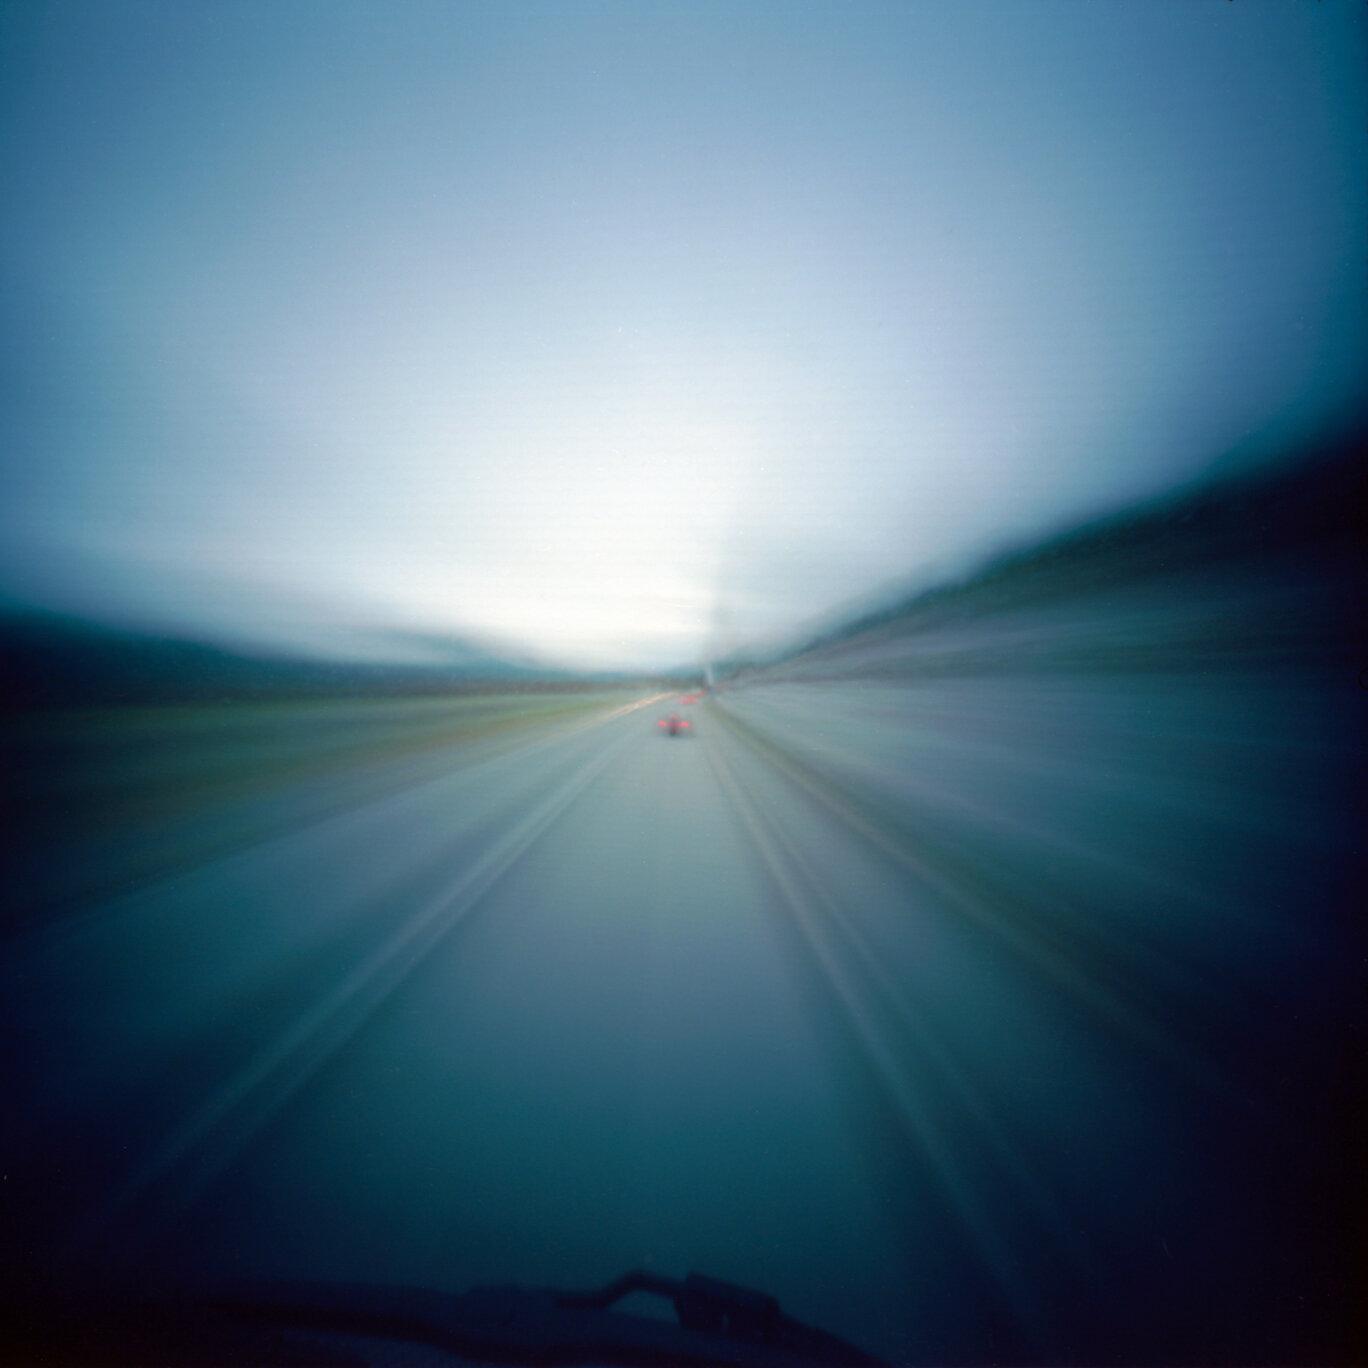 """""""Die Autobahn"""" by Jesús Joglar"""